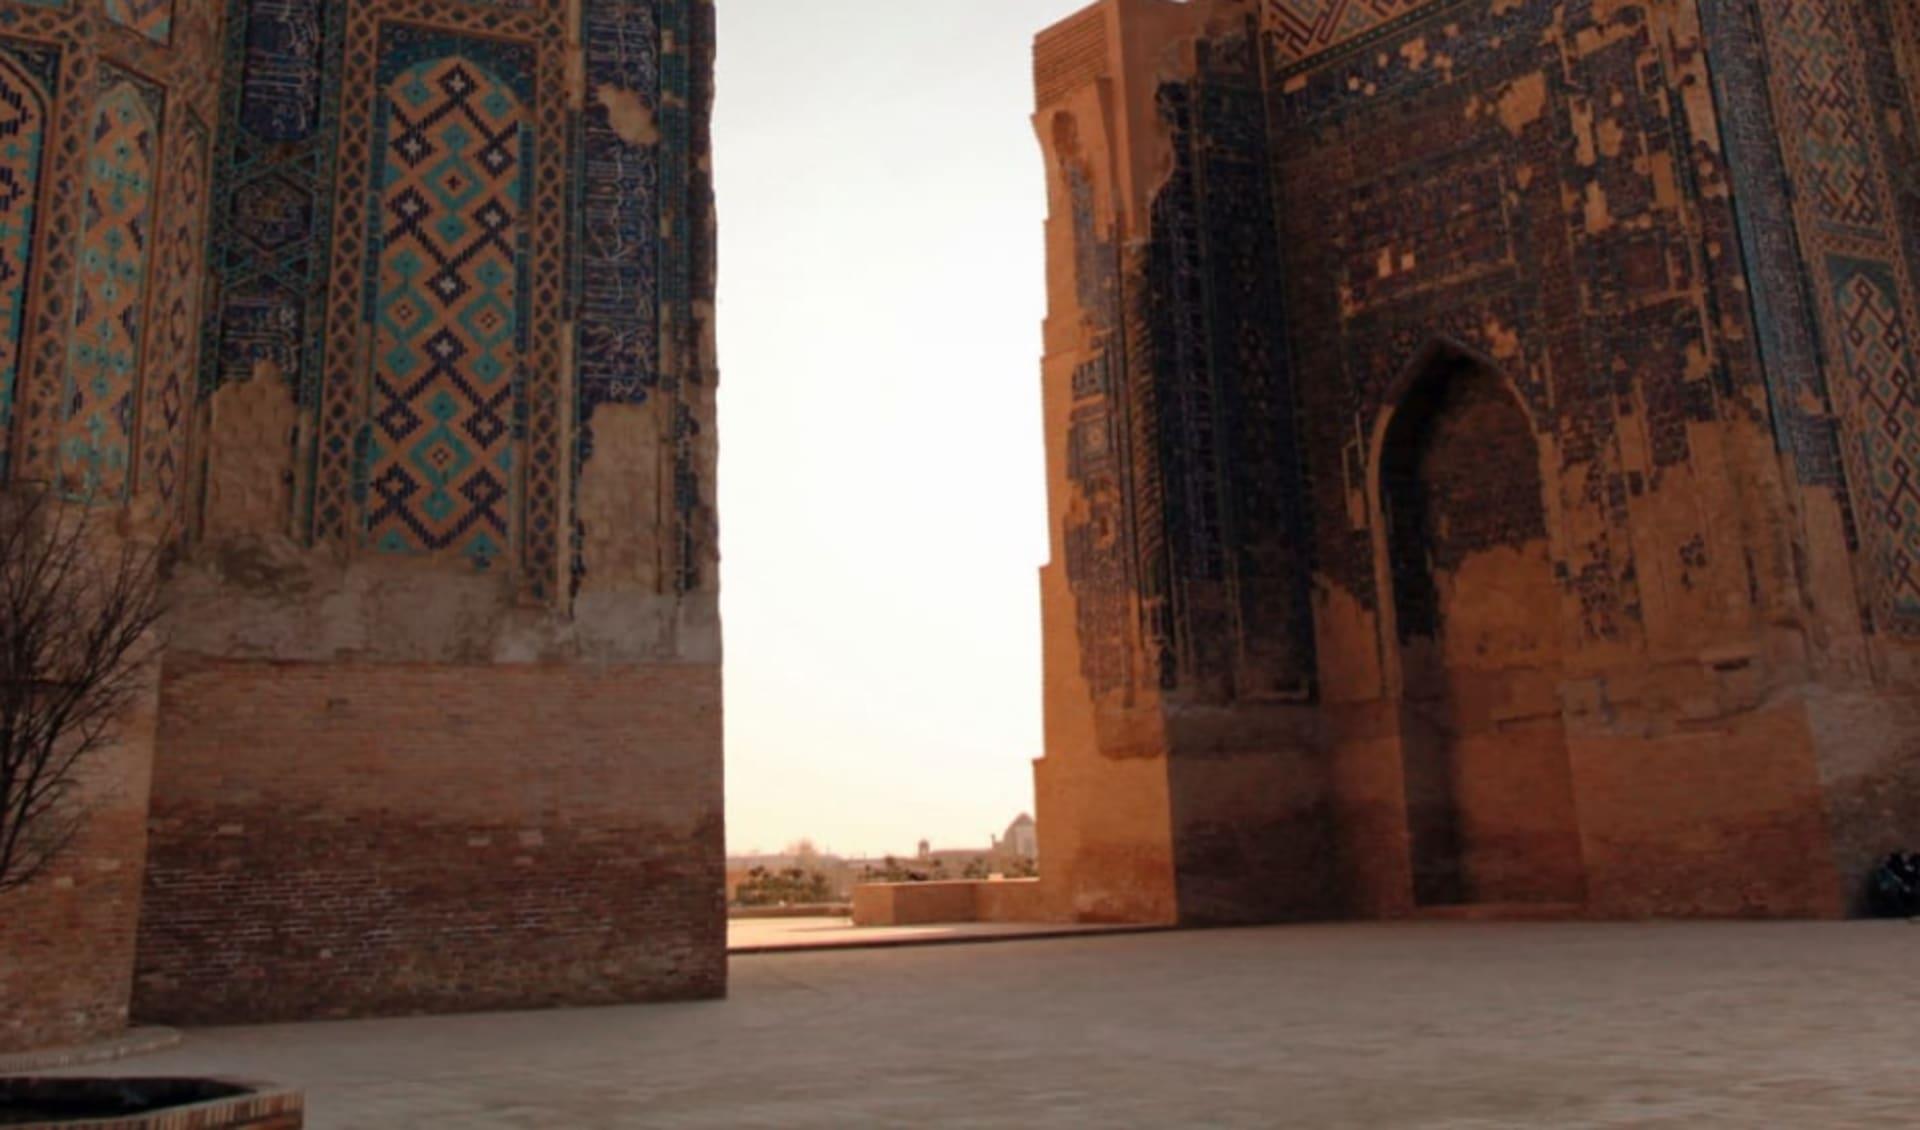 Legenden der Seidenstrasse ab Taschkent: UZ_Shahrisabz_shutterstock_1148247779_akimov konstantin